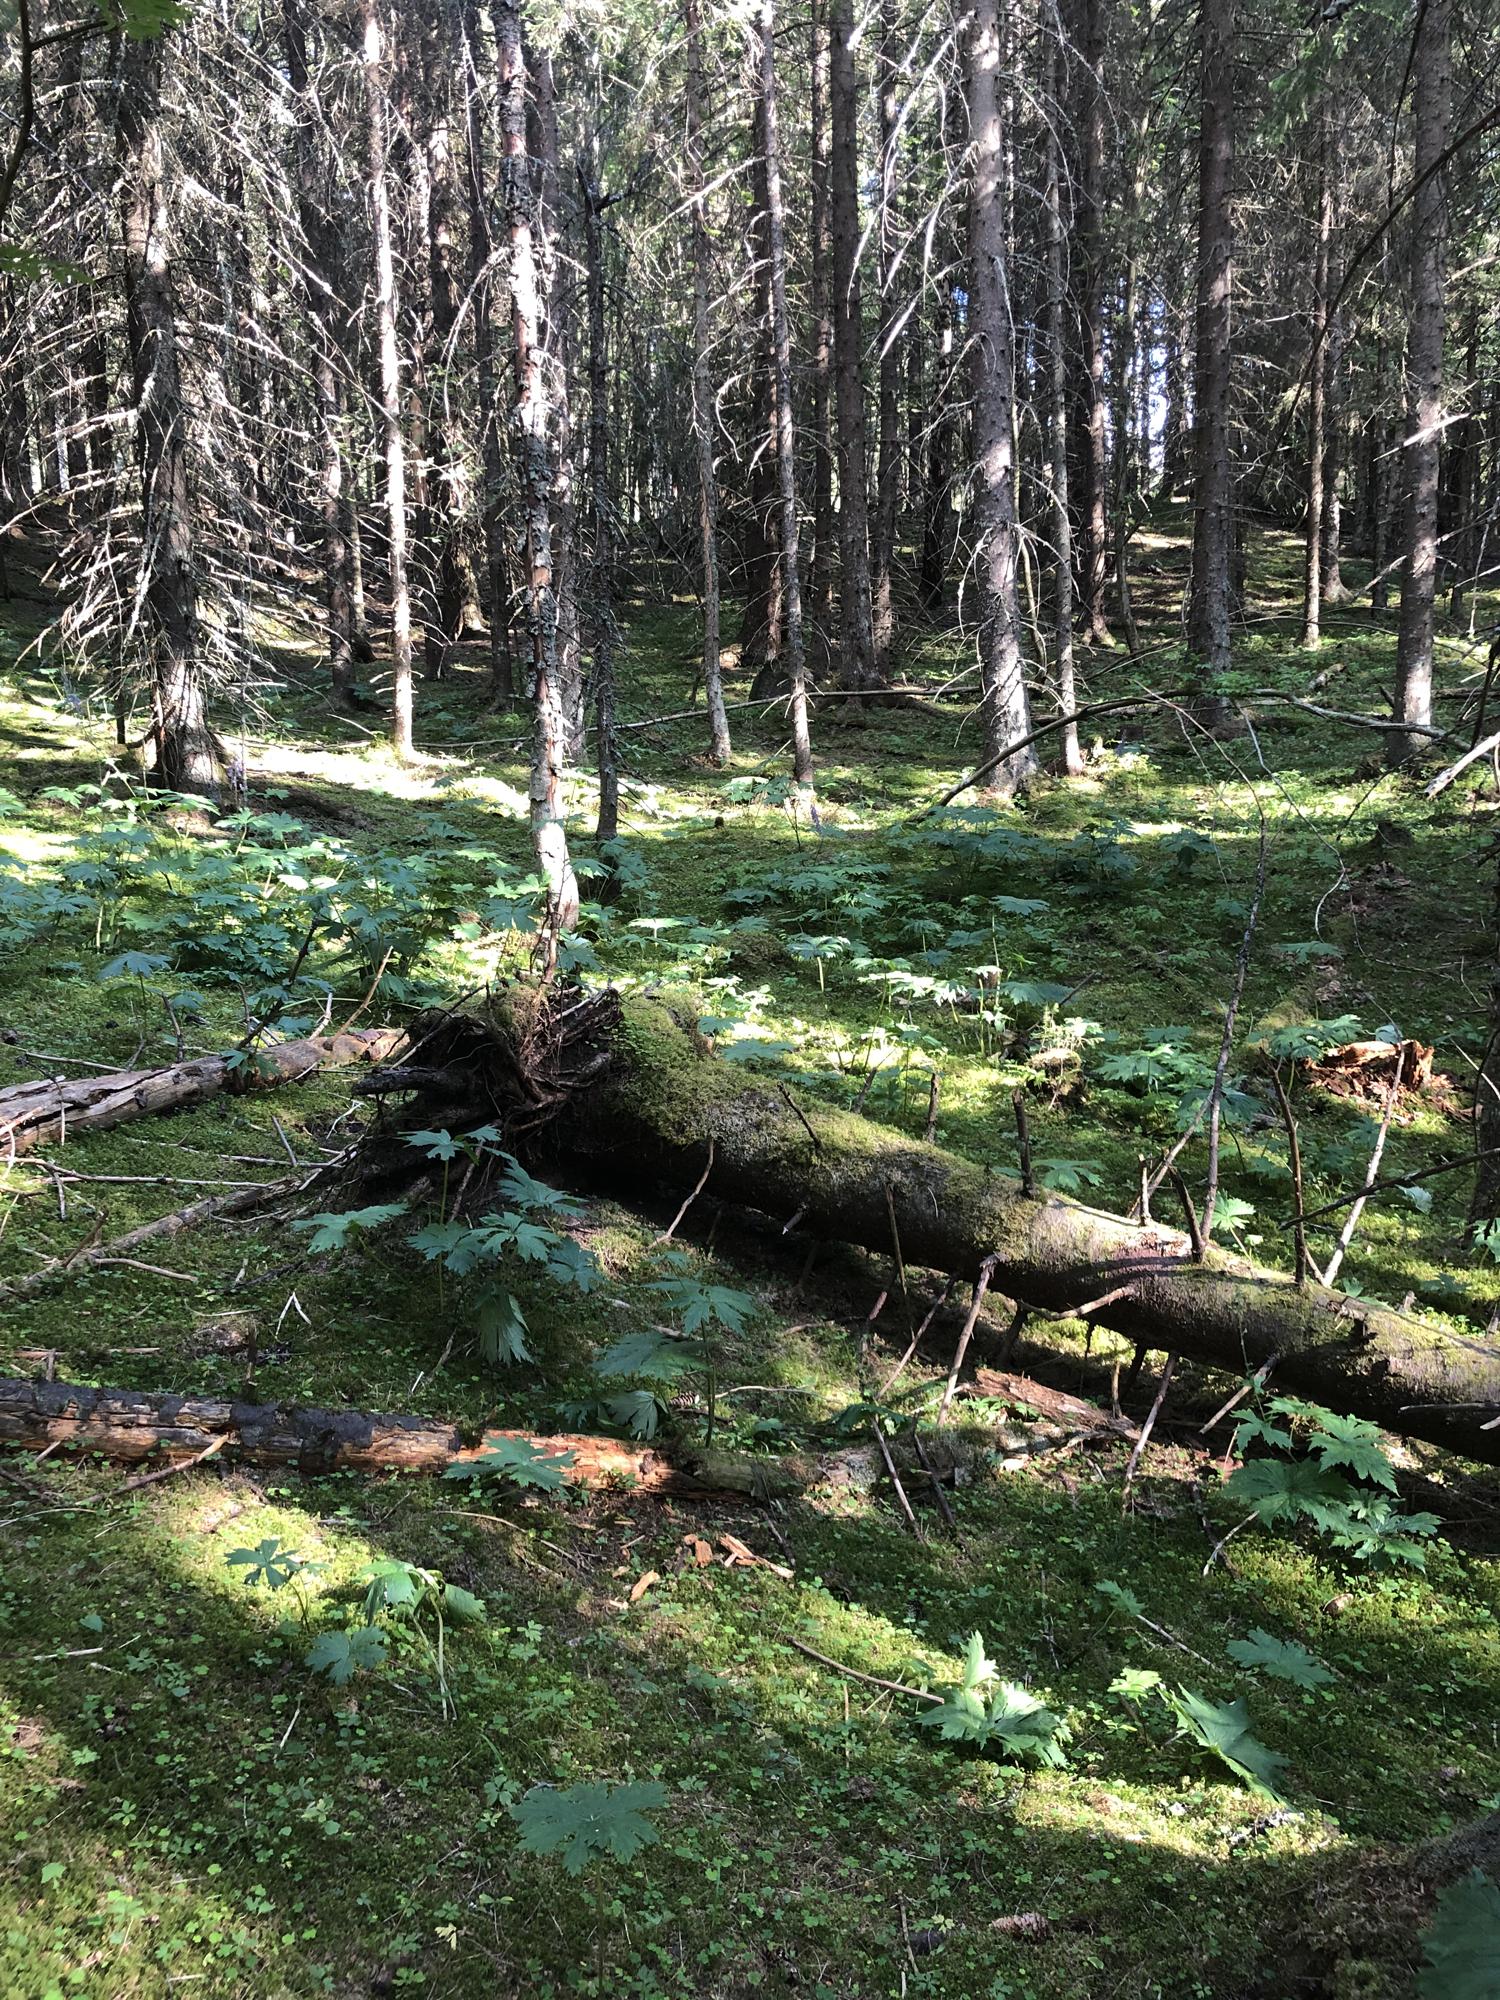 skogsbunn